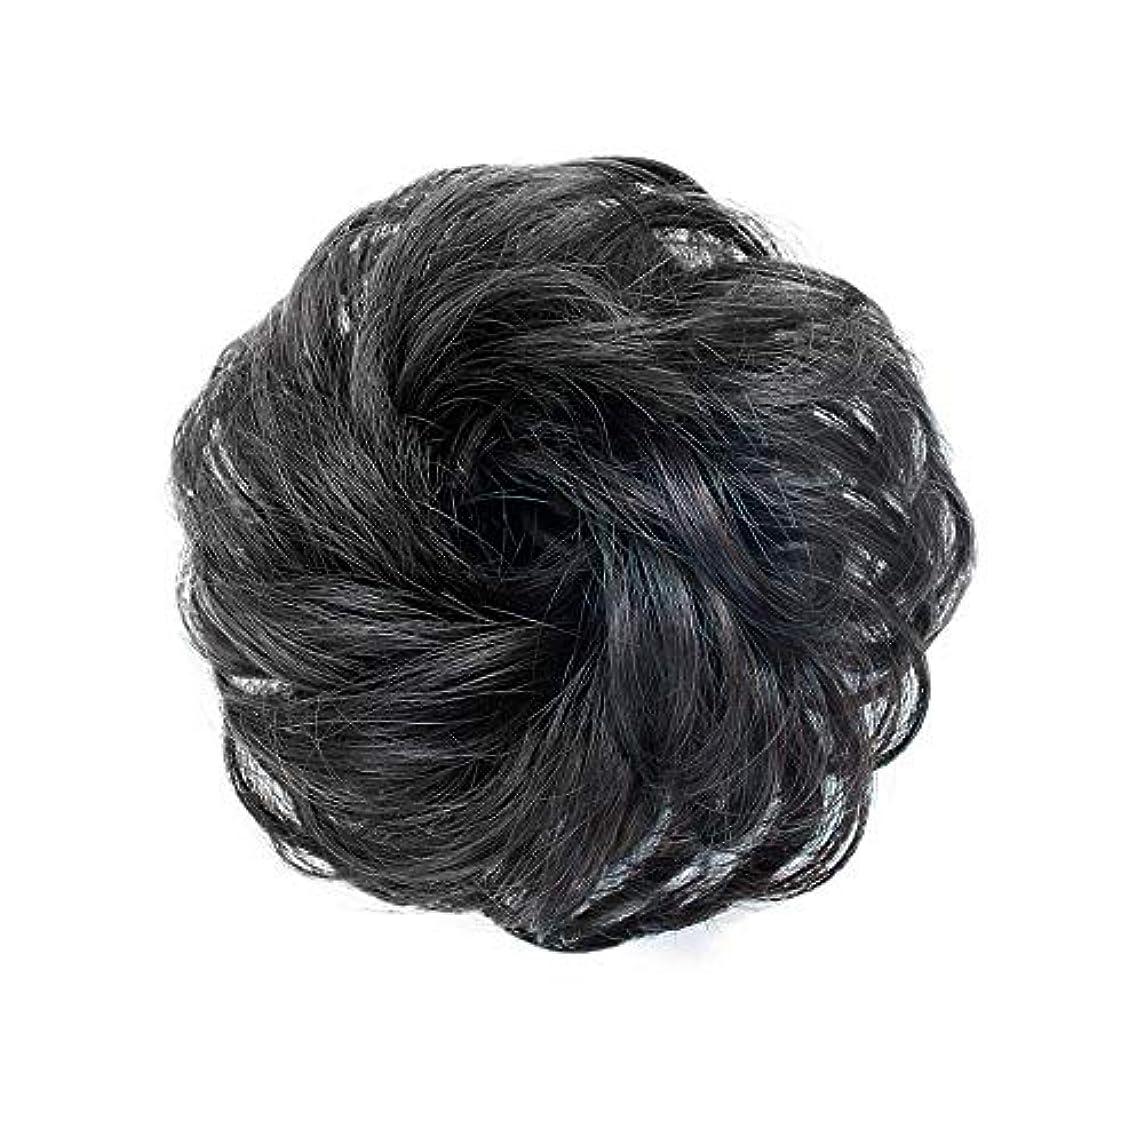 実質的に便益復活させるFEIYI WIGSウィッグ シュシュ お団子巻き髪 つけ毛 100%人毛 エクステ レディース ポイントウィッグ 部分ウィッグ シニヨン 髪飾り パーマ コーム式 花型 結婚式 和装 装着簡単 4色が選べ